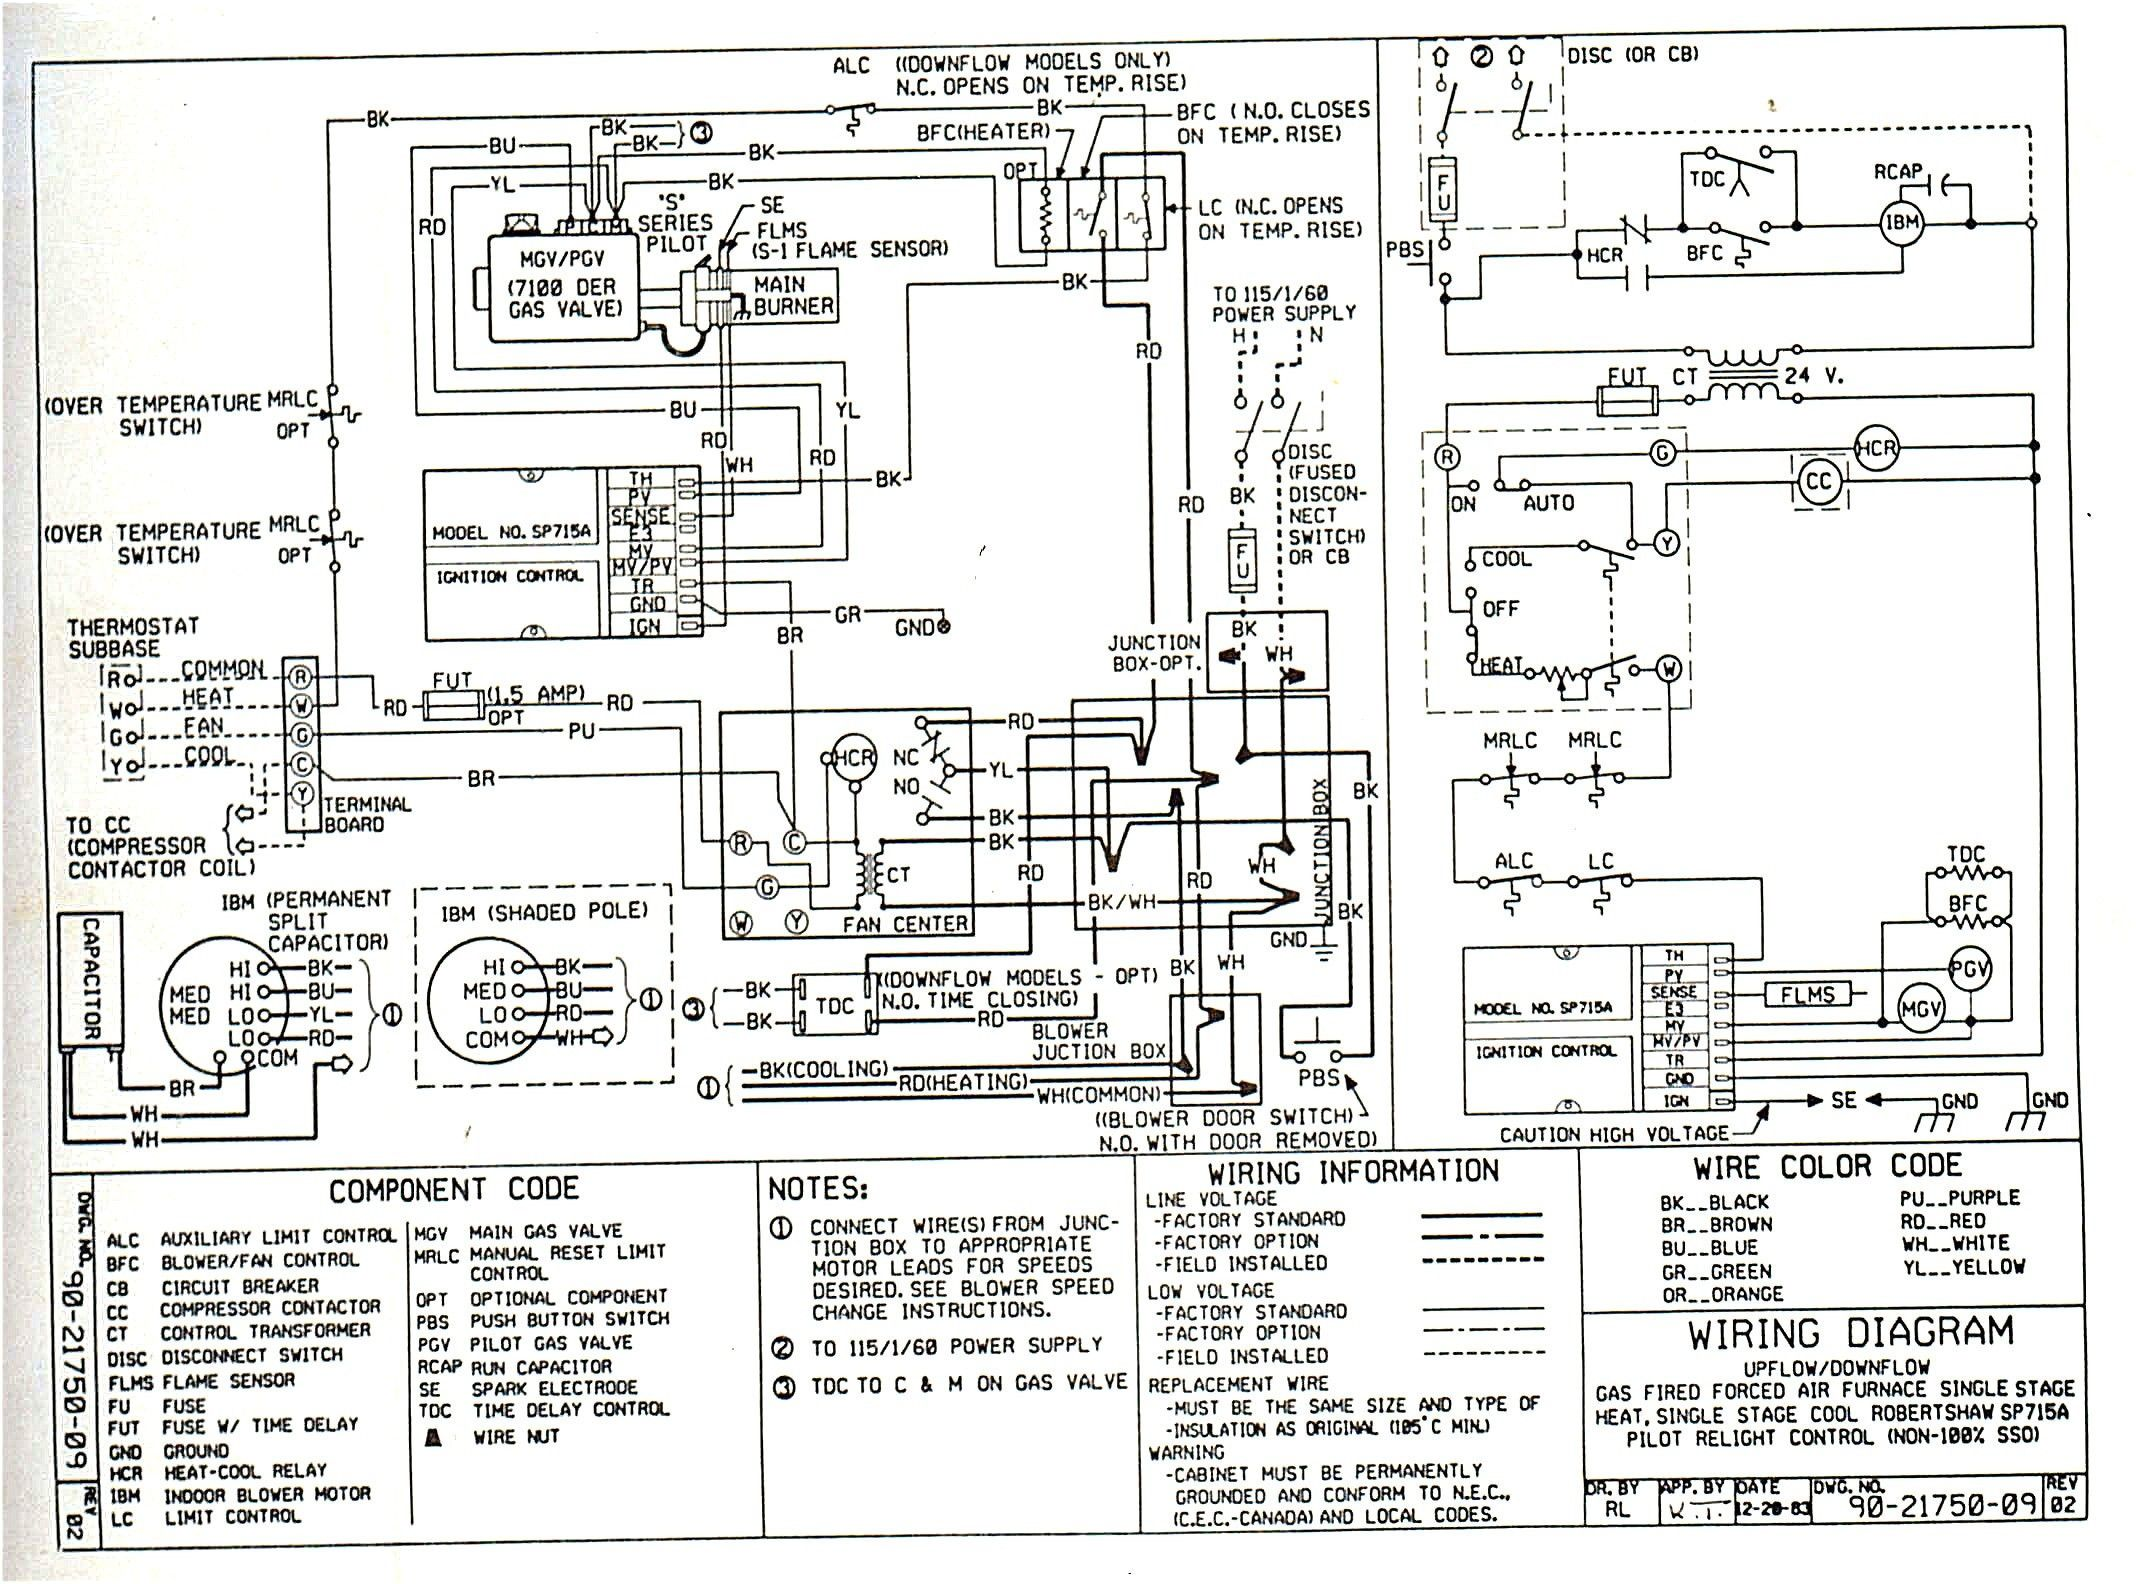 medium resolution of unique wiring diagram ac panasonic diagram diagramtemplate unique wiring diagram ac panasonic diagram diagramtemplate diagramsample